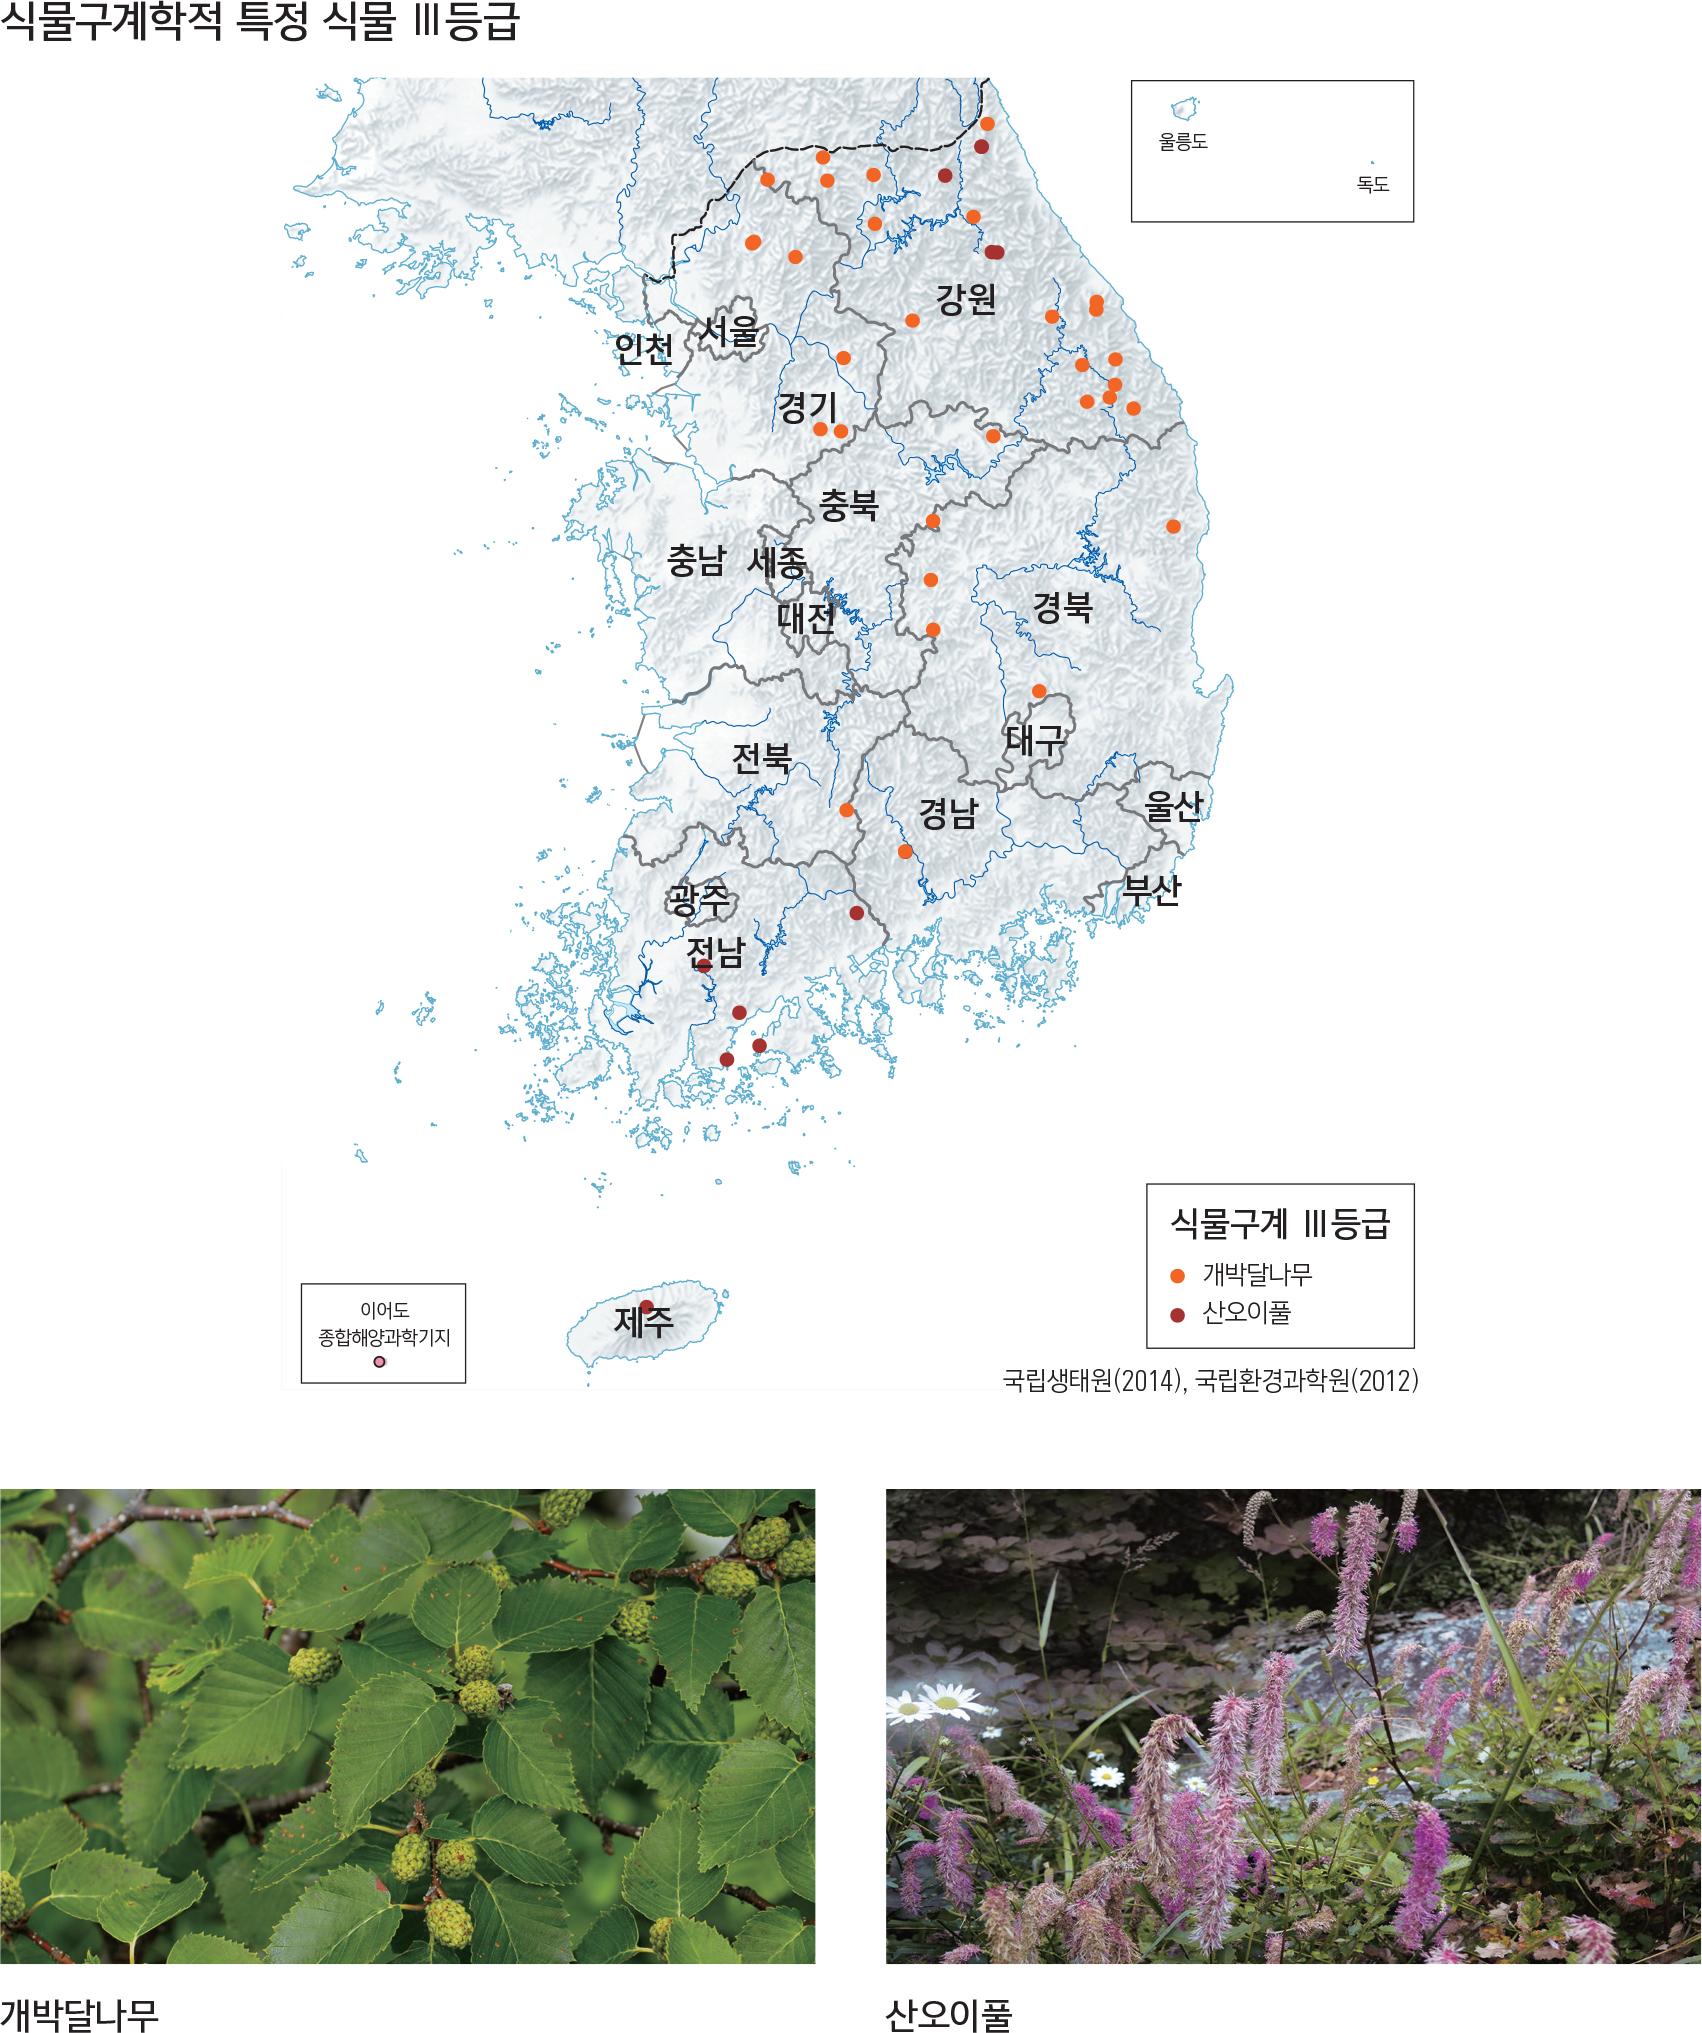 식물구계학적 특정 식물 III등급